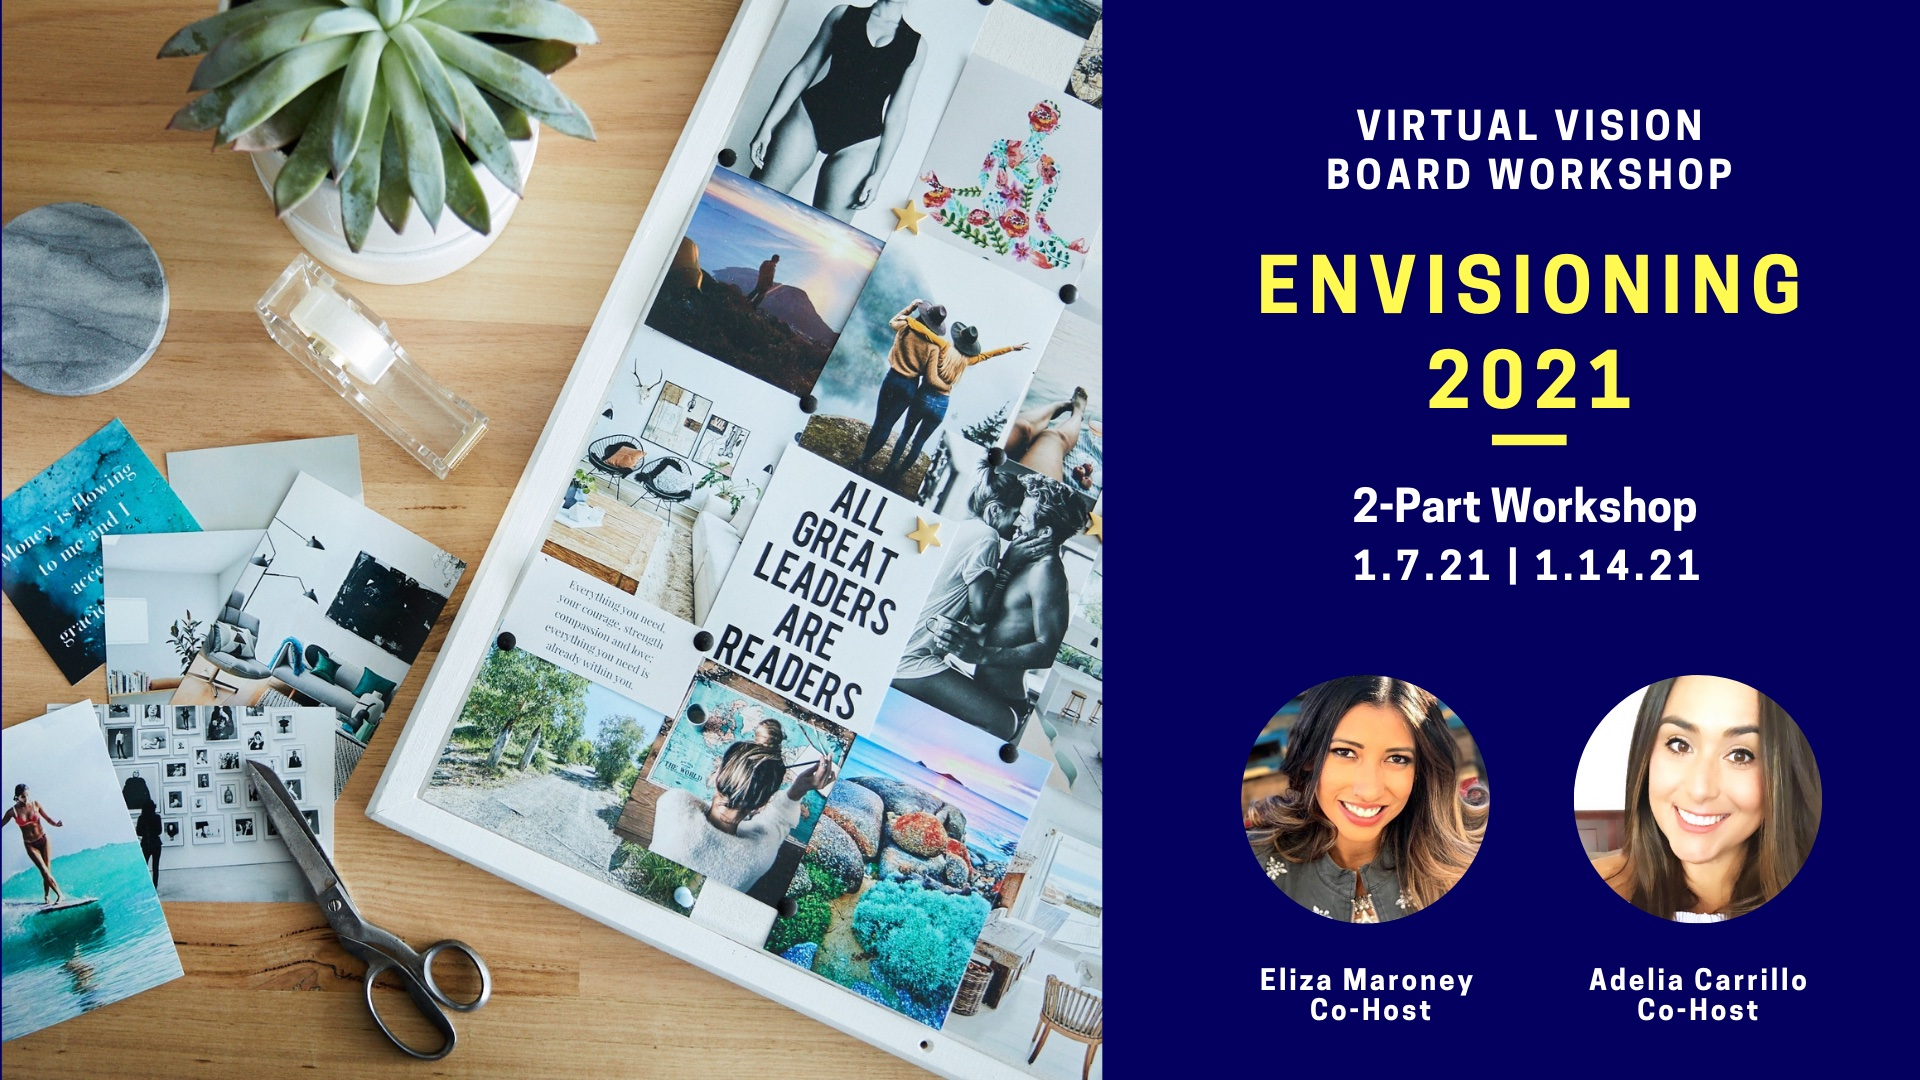 Envisioning 2021 Vision Board Workshop